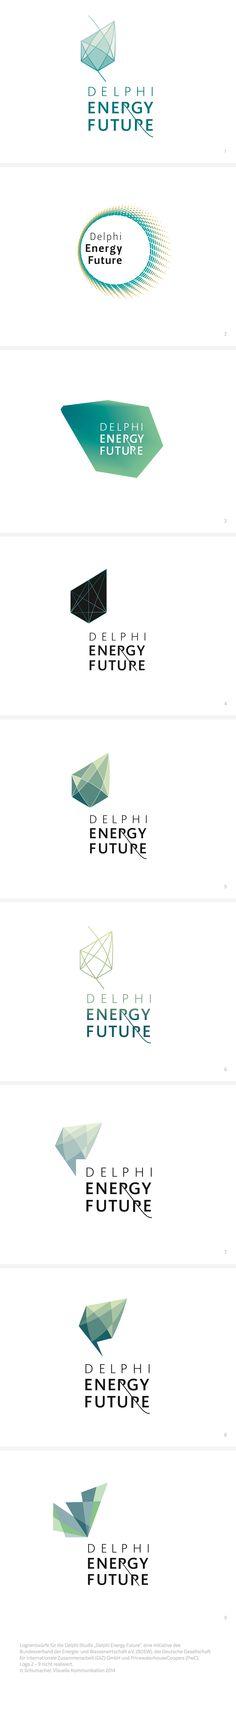 """Logos / Logoentwürfe für die Delphi Studie """"Delphi Energy Future"""", eine Initiative des Bundesverband der Energie- und Wasserwirtschaft e.V. (BDEW), der Deutschen Gesellschaft  für Internationale Zusammenarbeit (GIZ) GmbH und PricewaterhouseCoopers (PwC) #logo #energie"""